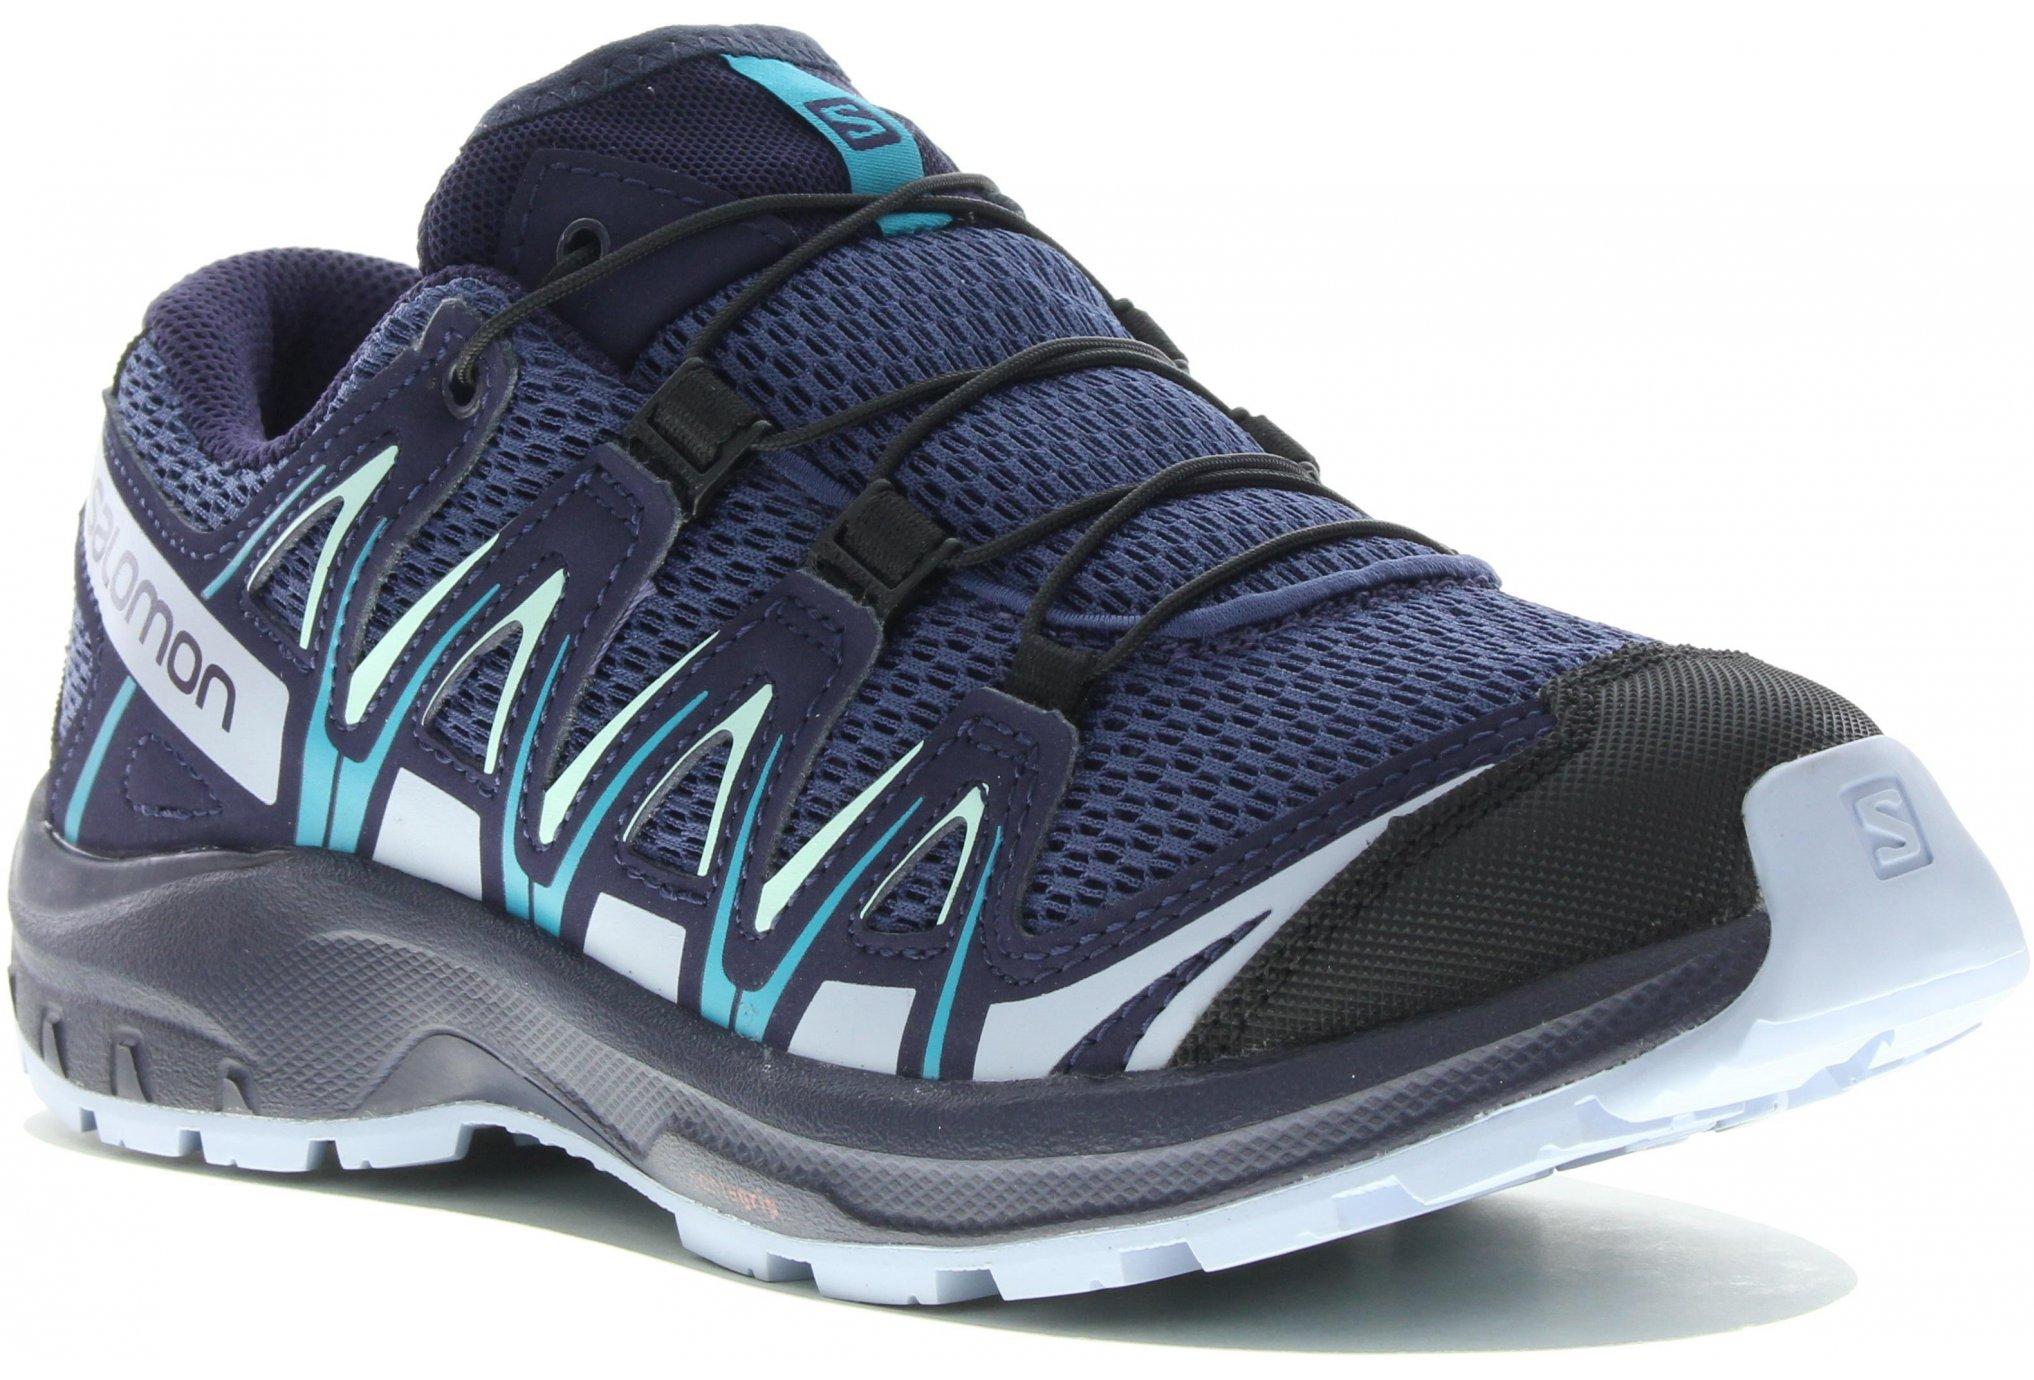 Salomon XA PRO 3D Fille Chaussures running femme